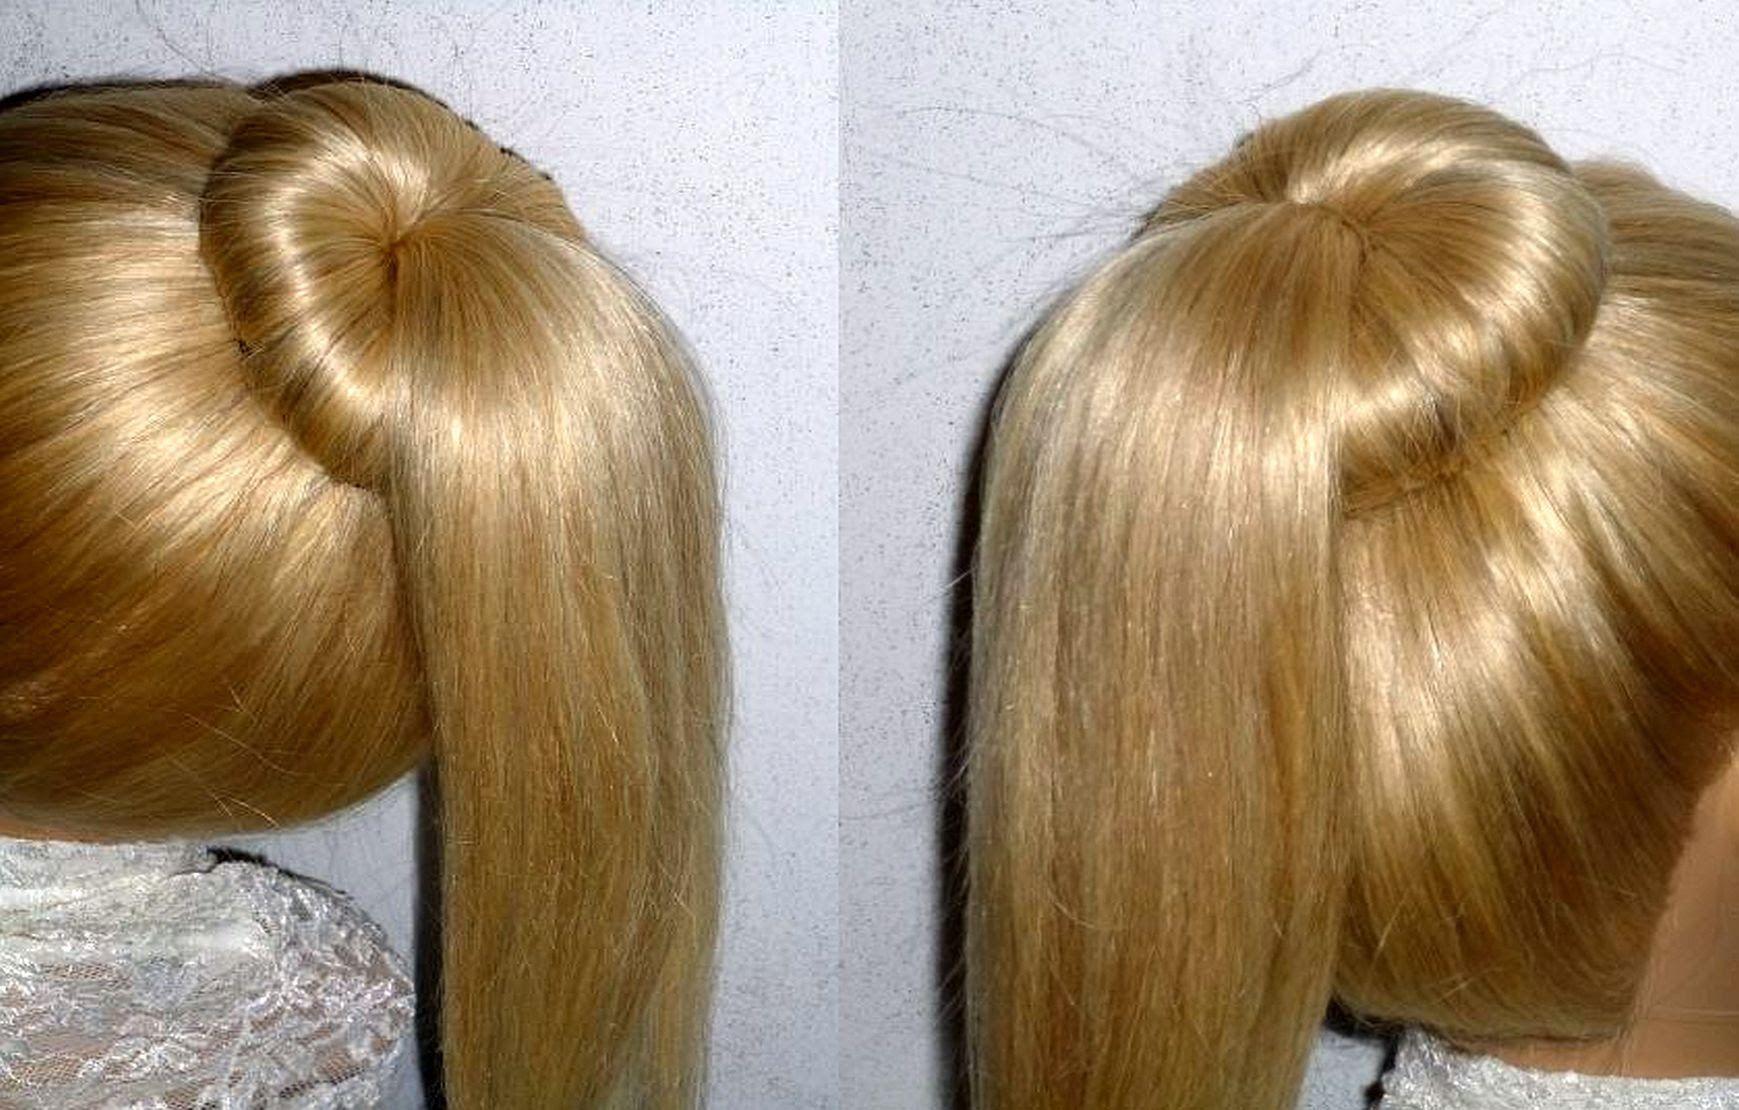 Easy Frisuren Dutt Mit Duttkissen Machen Fur Mittel Langes Haar Ponytai Haare Hochstecken Dutt Frisur Geflochtene Frisuren